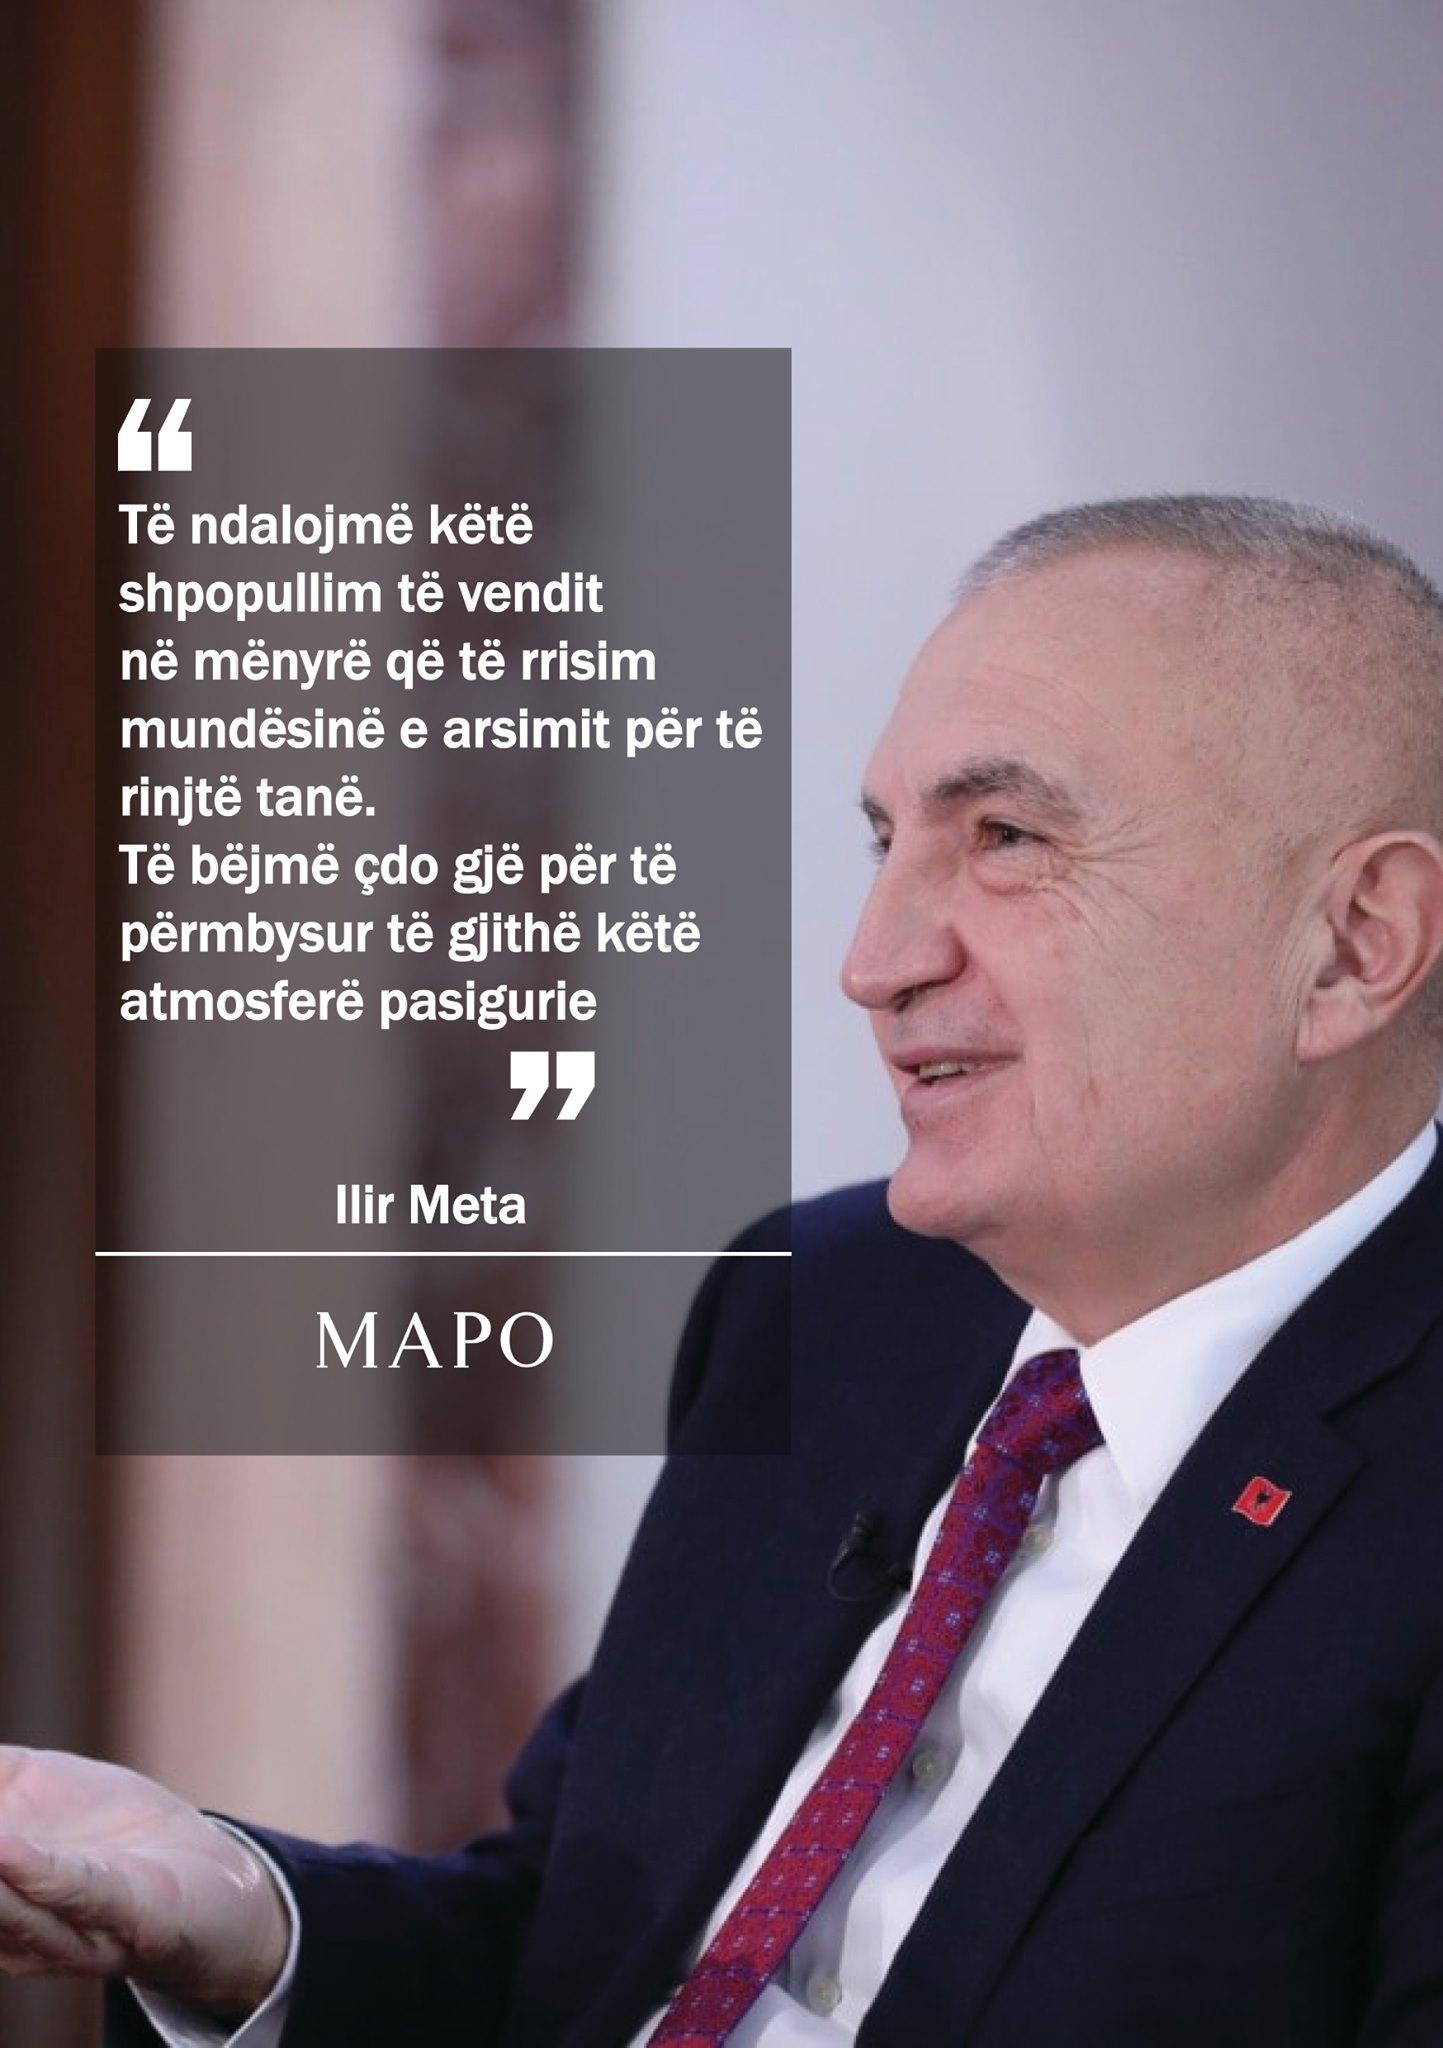 Ilir Meta: Të ndalojmë shpopullimin e vendit